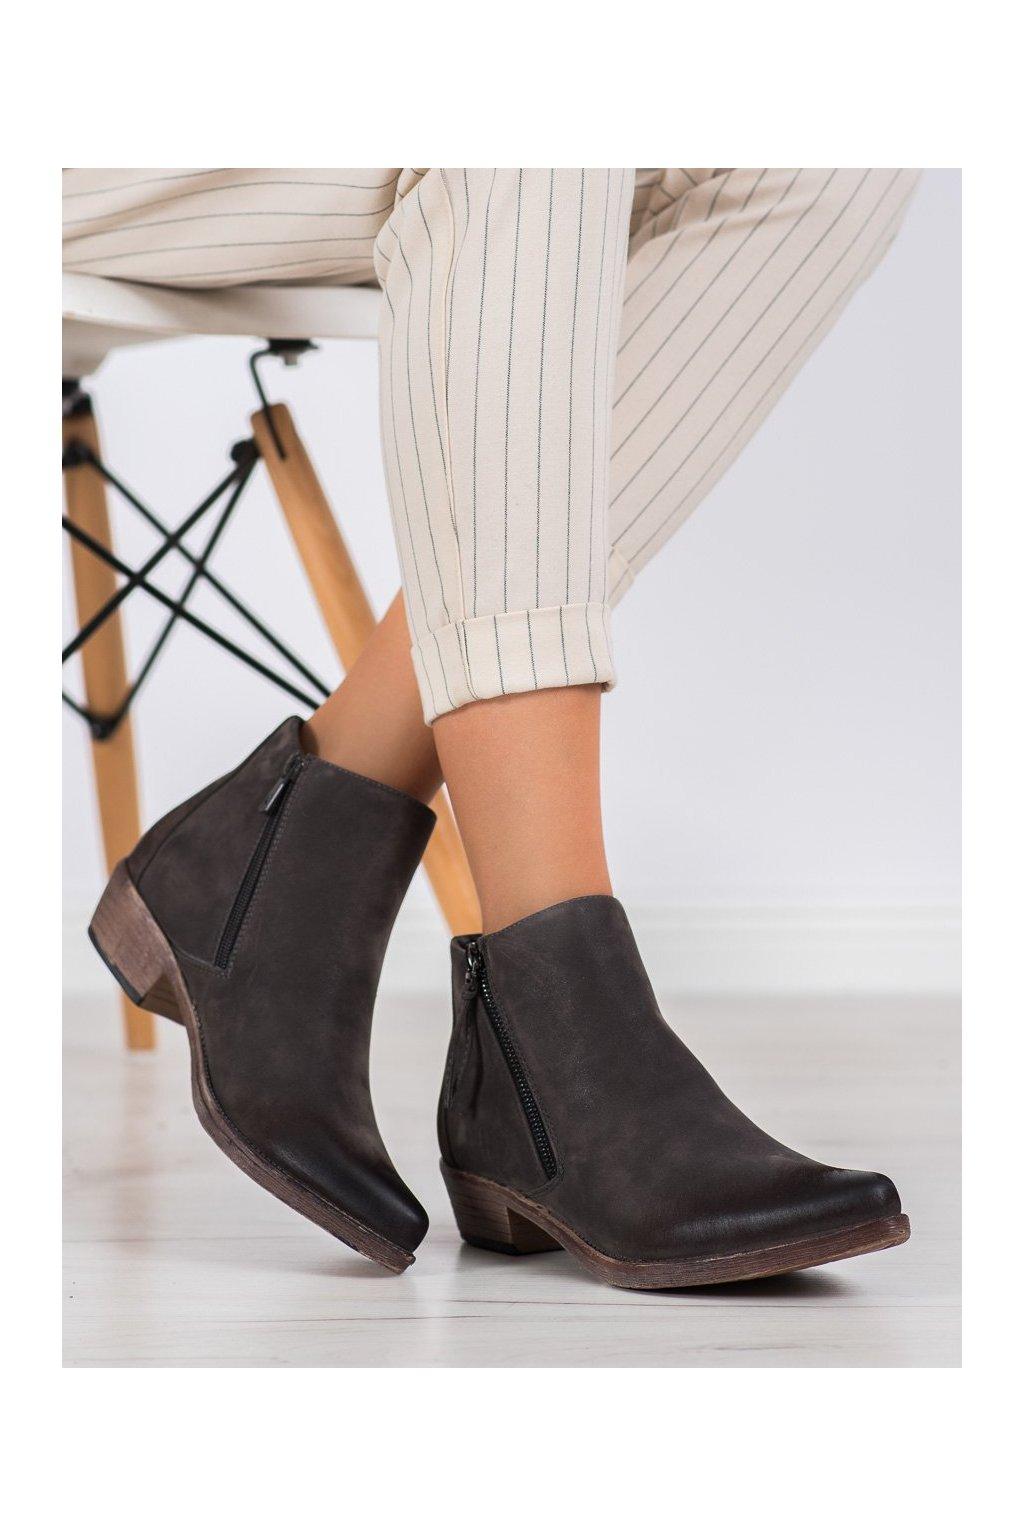 Hnedé dámske topánky Kylie kod K1936305G